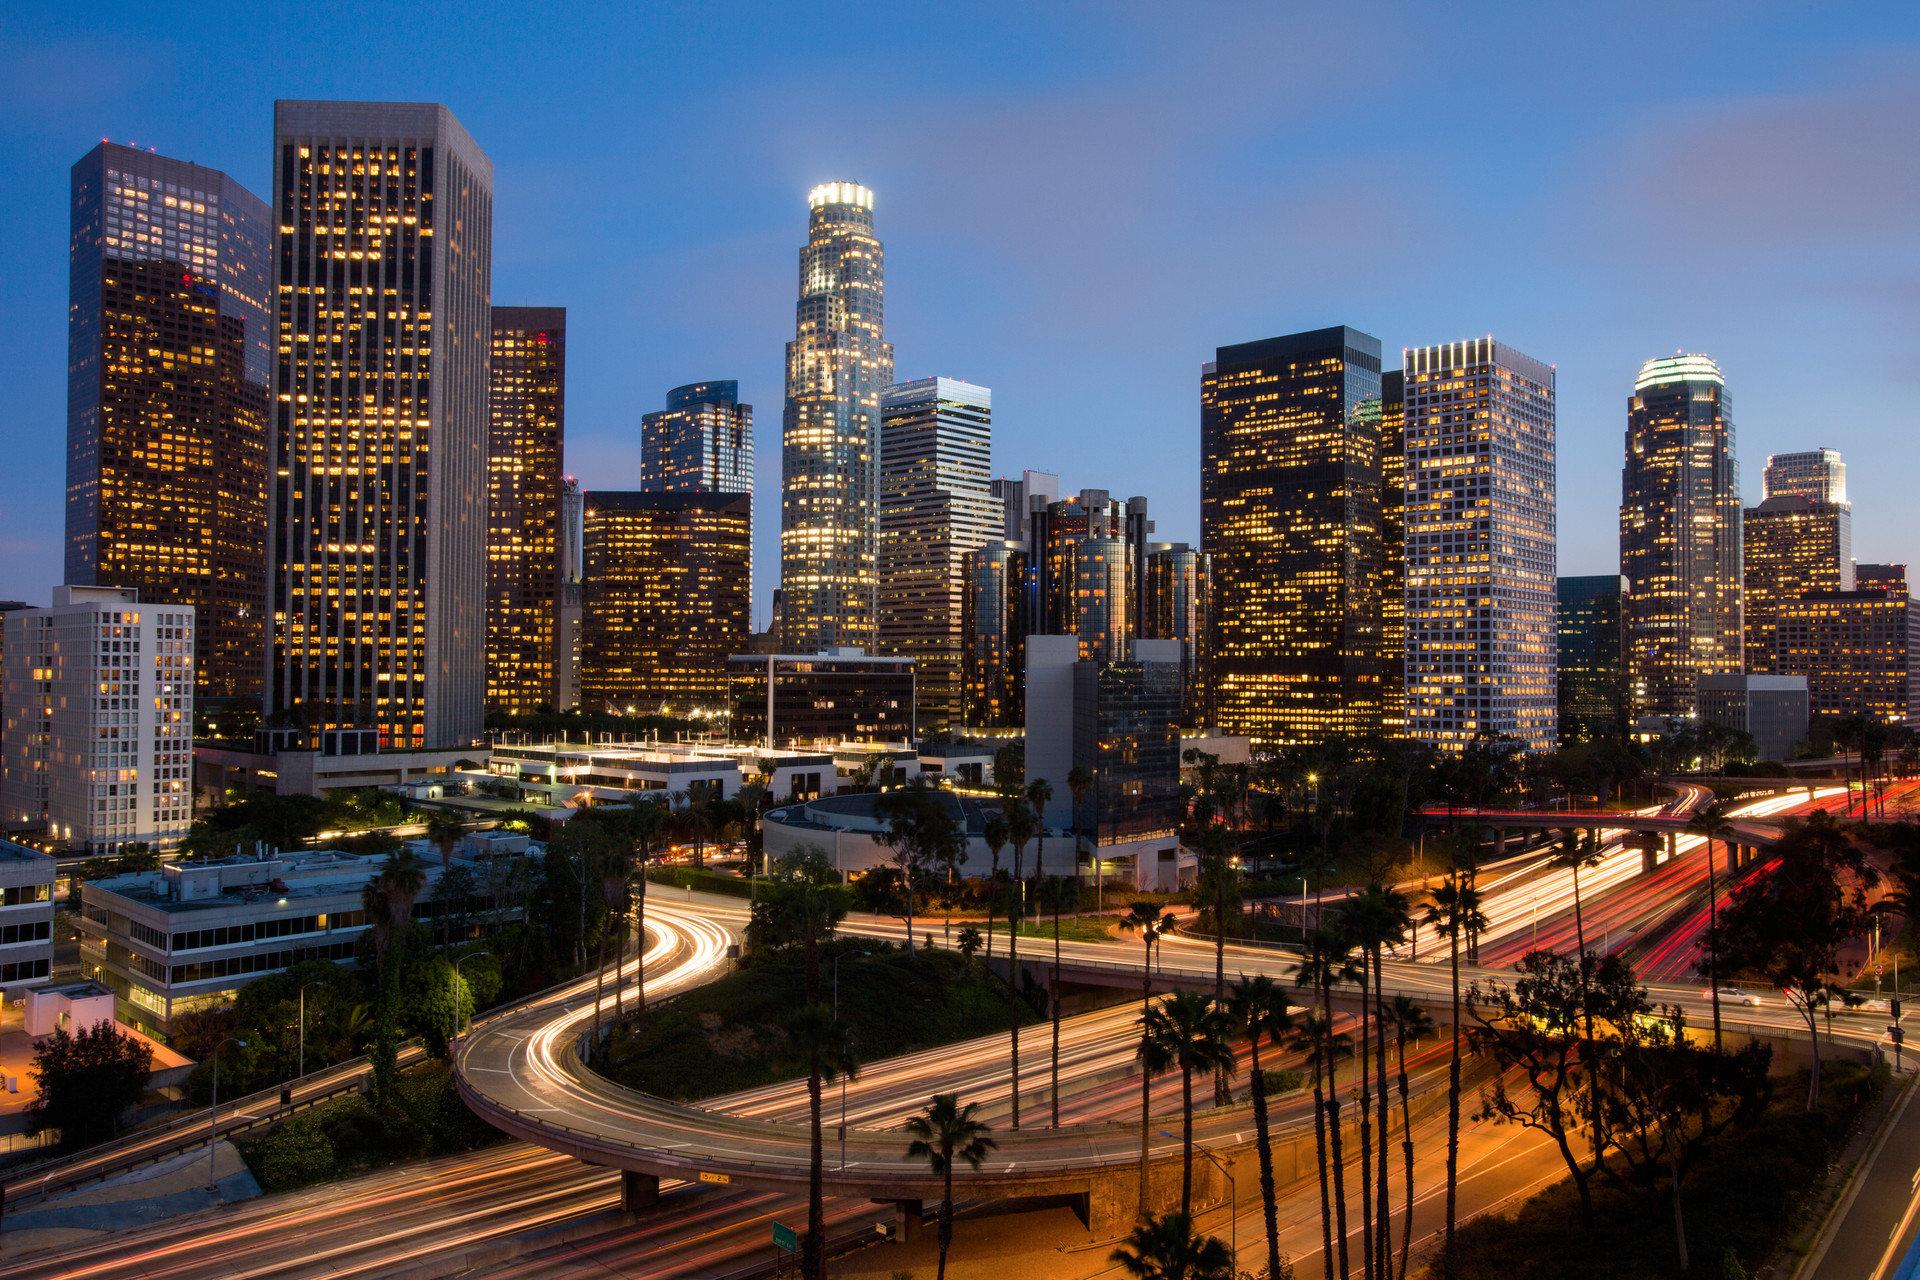 Лос-анджелес картинки города